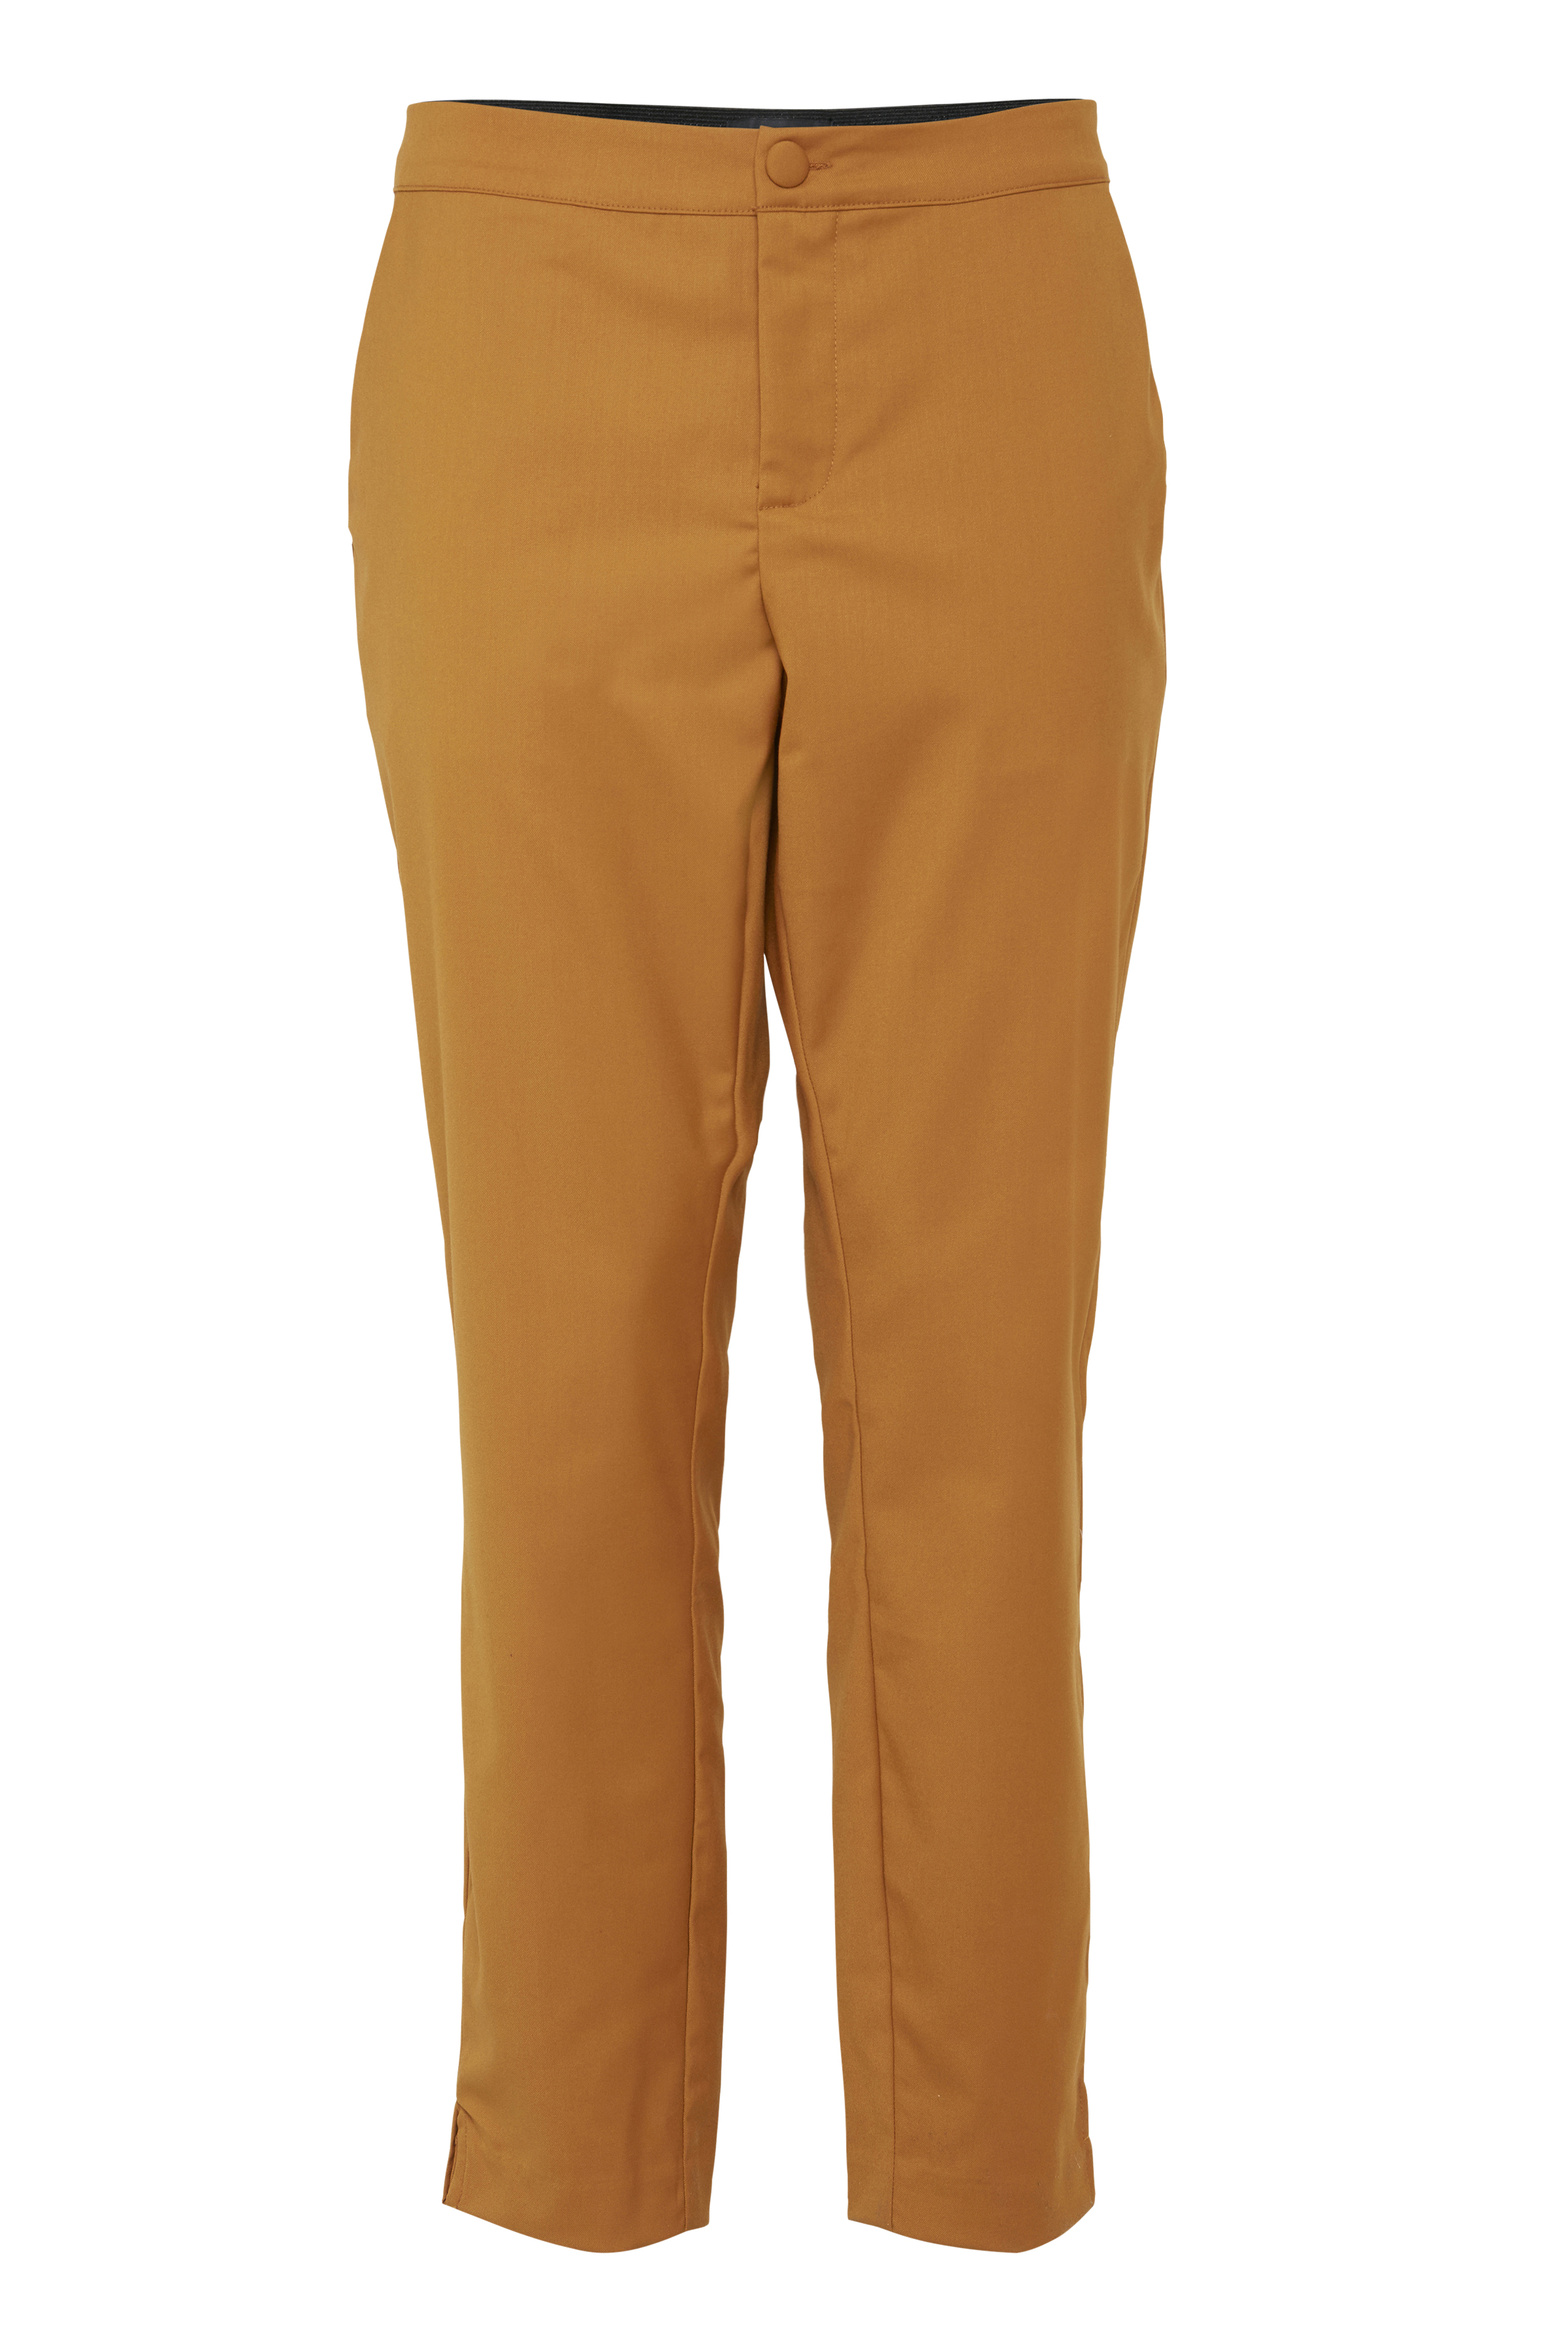 Mörk curry Casual byxor från Pulz Jeans – Köp Mörk curry Casual byxor från stl. 32-46 här